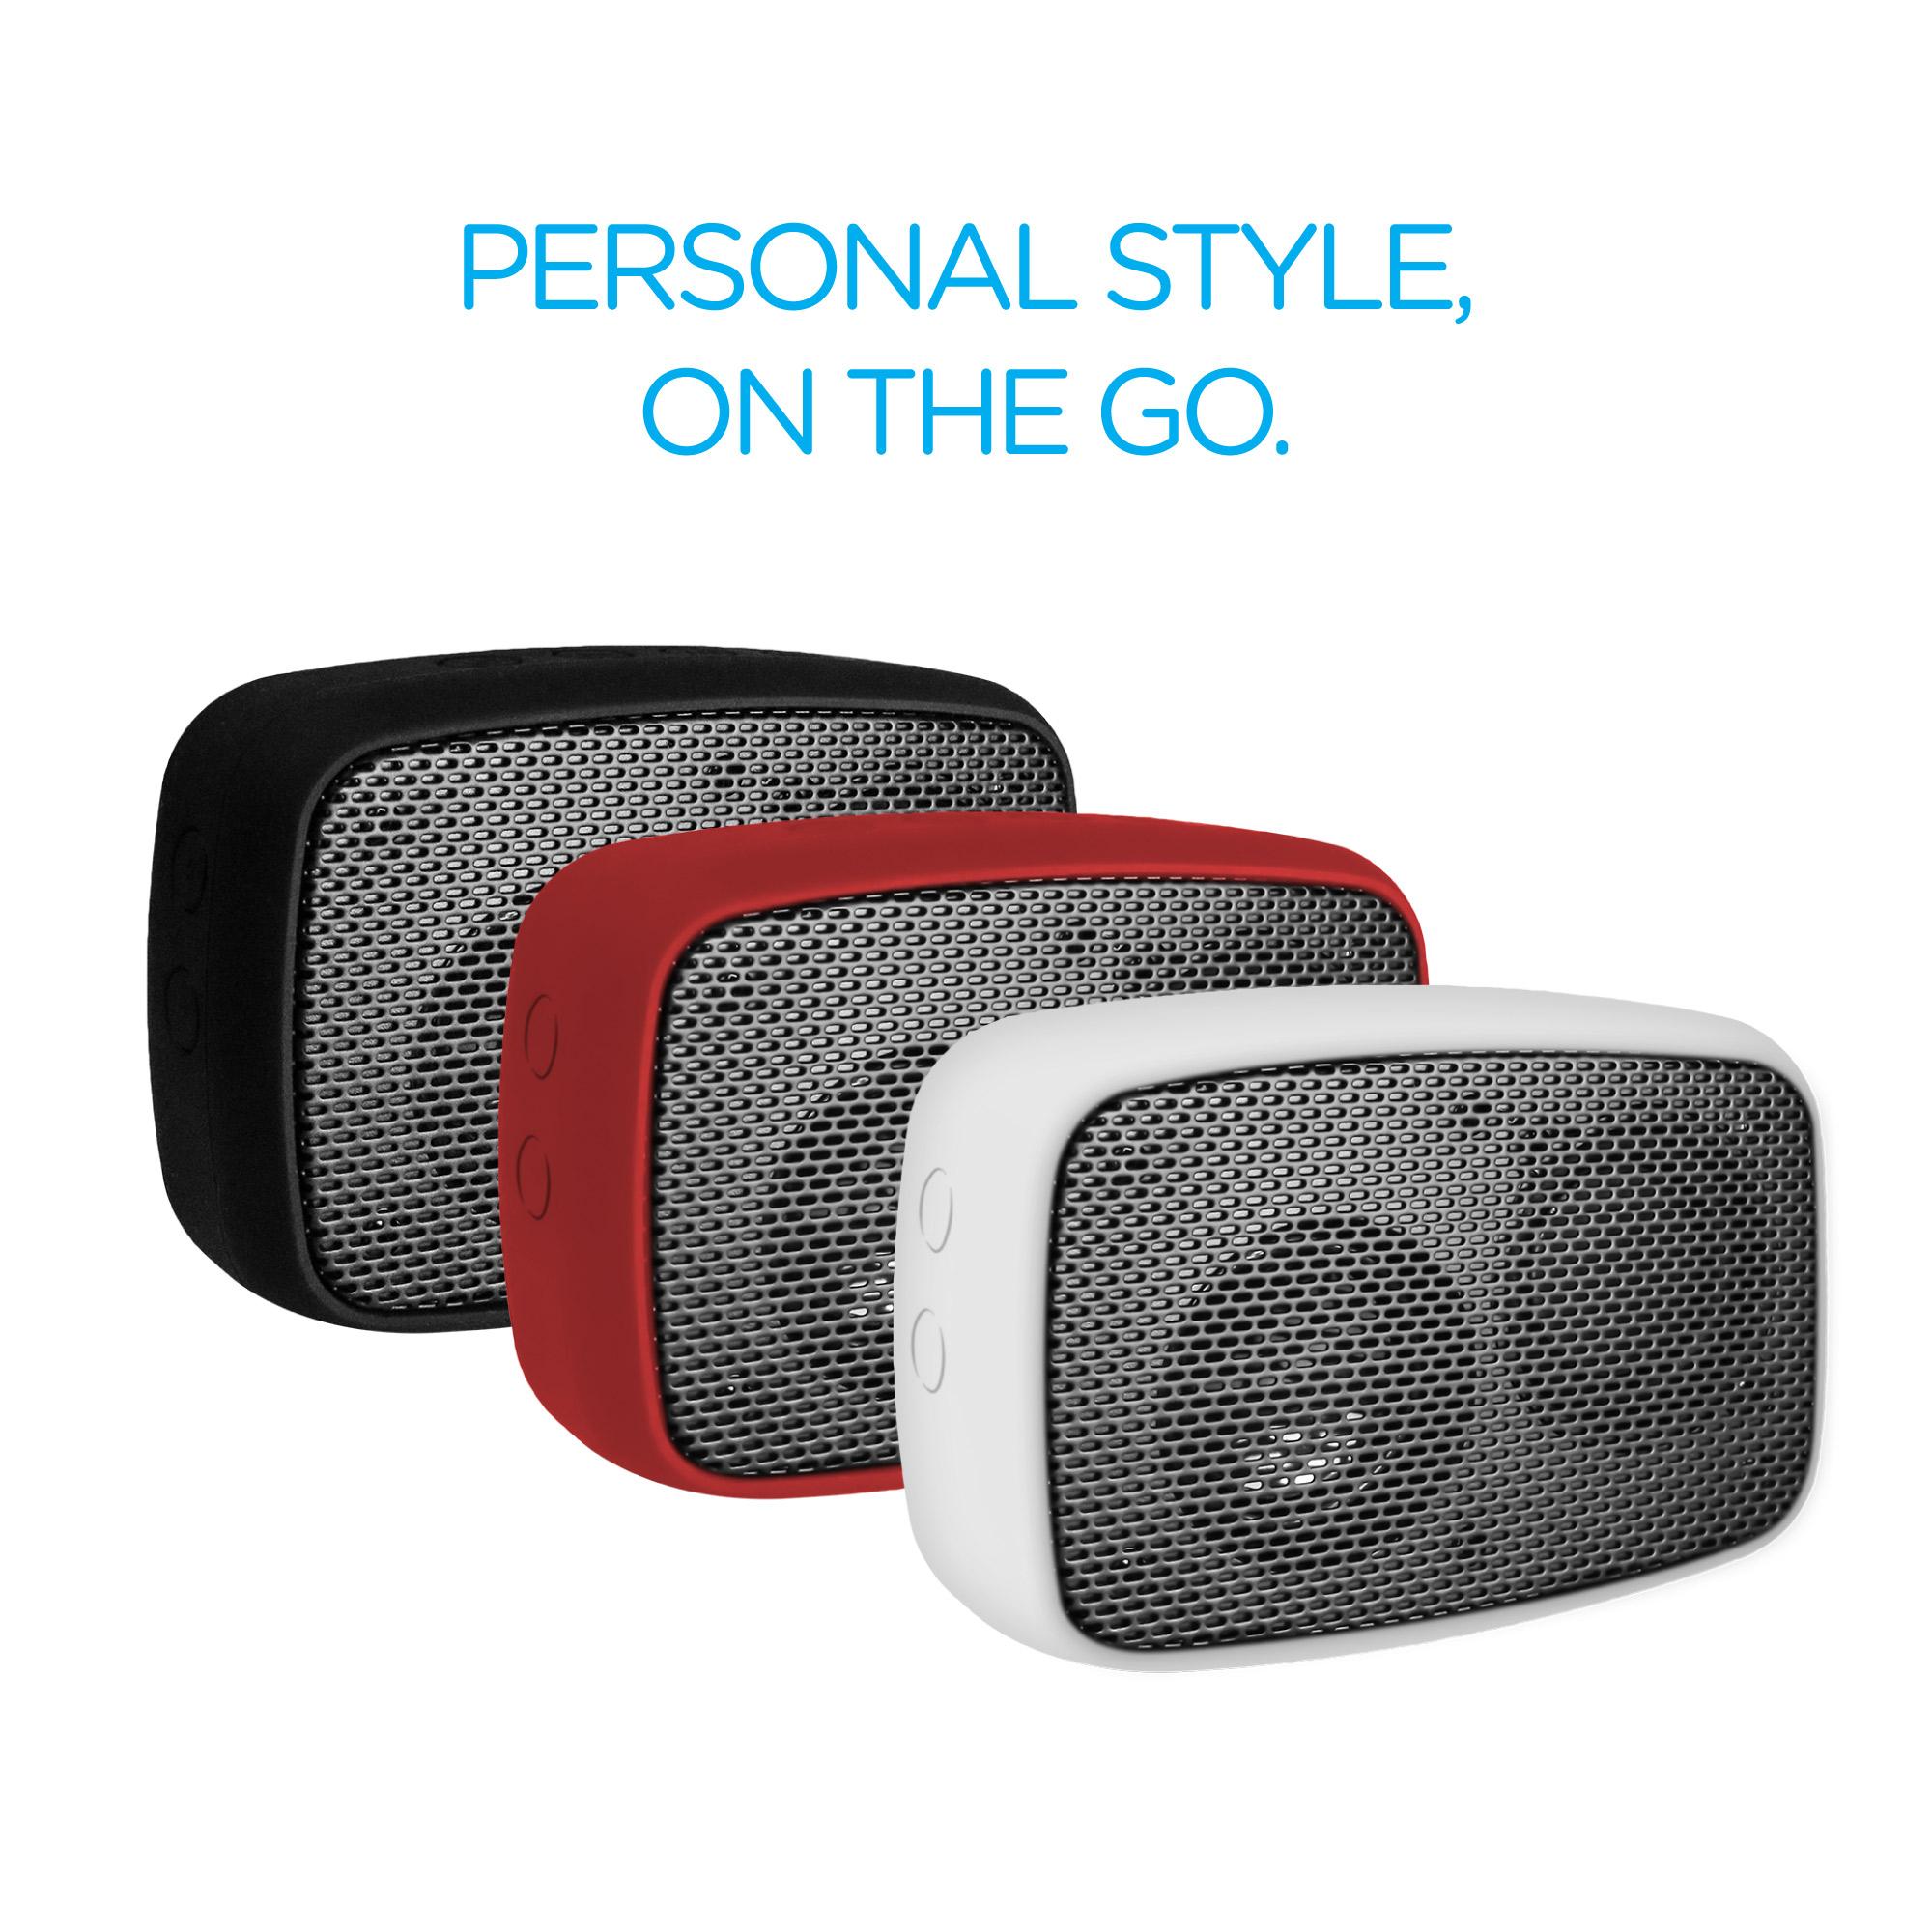 Ruggedlife Water Resistant Bluetooth Speaker And Speakerphone Black Color